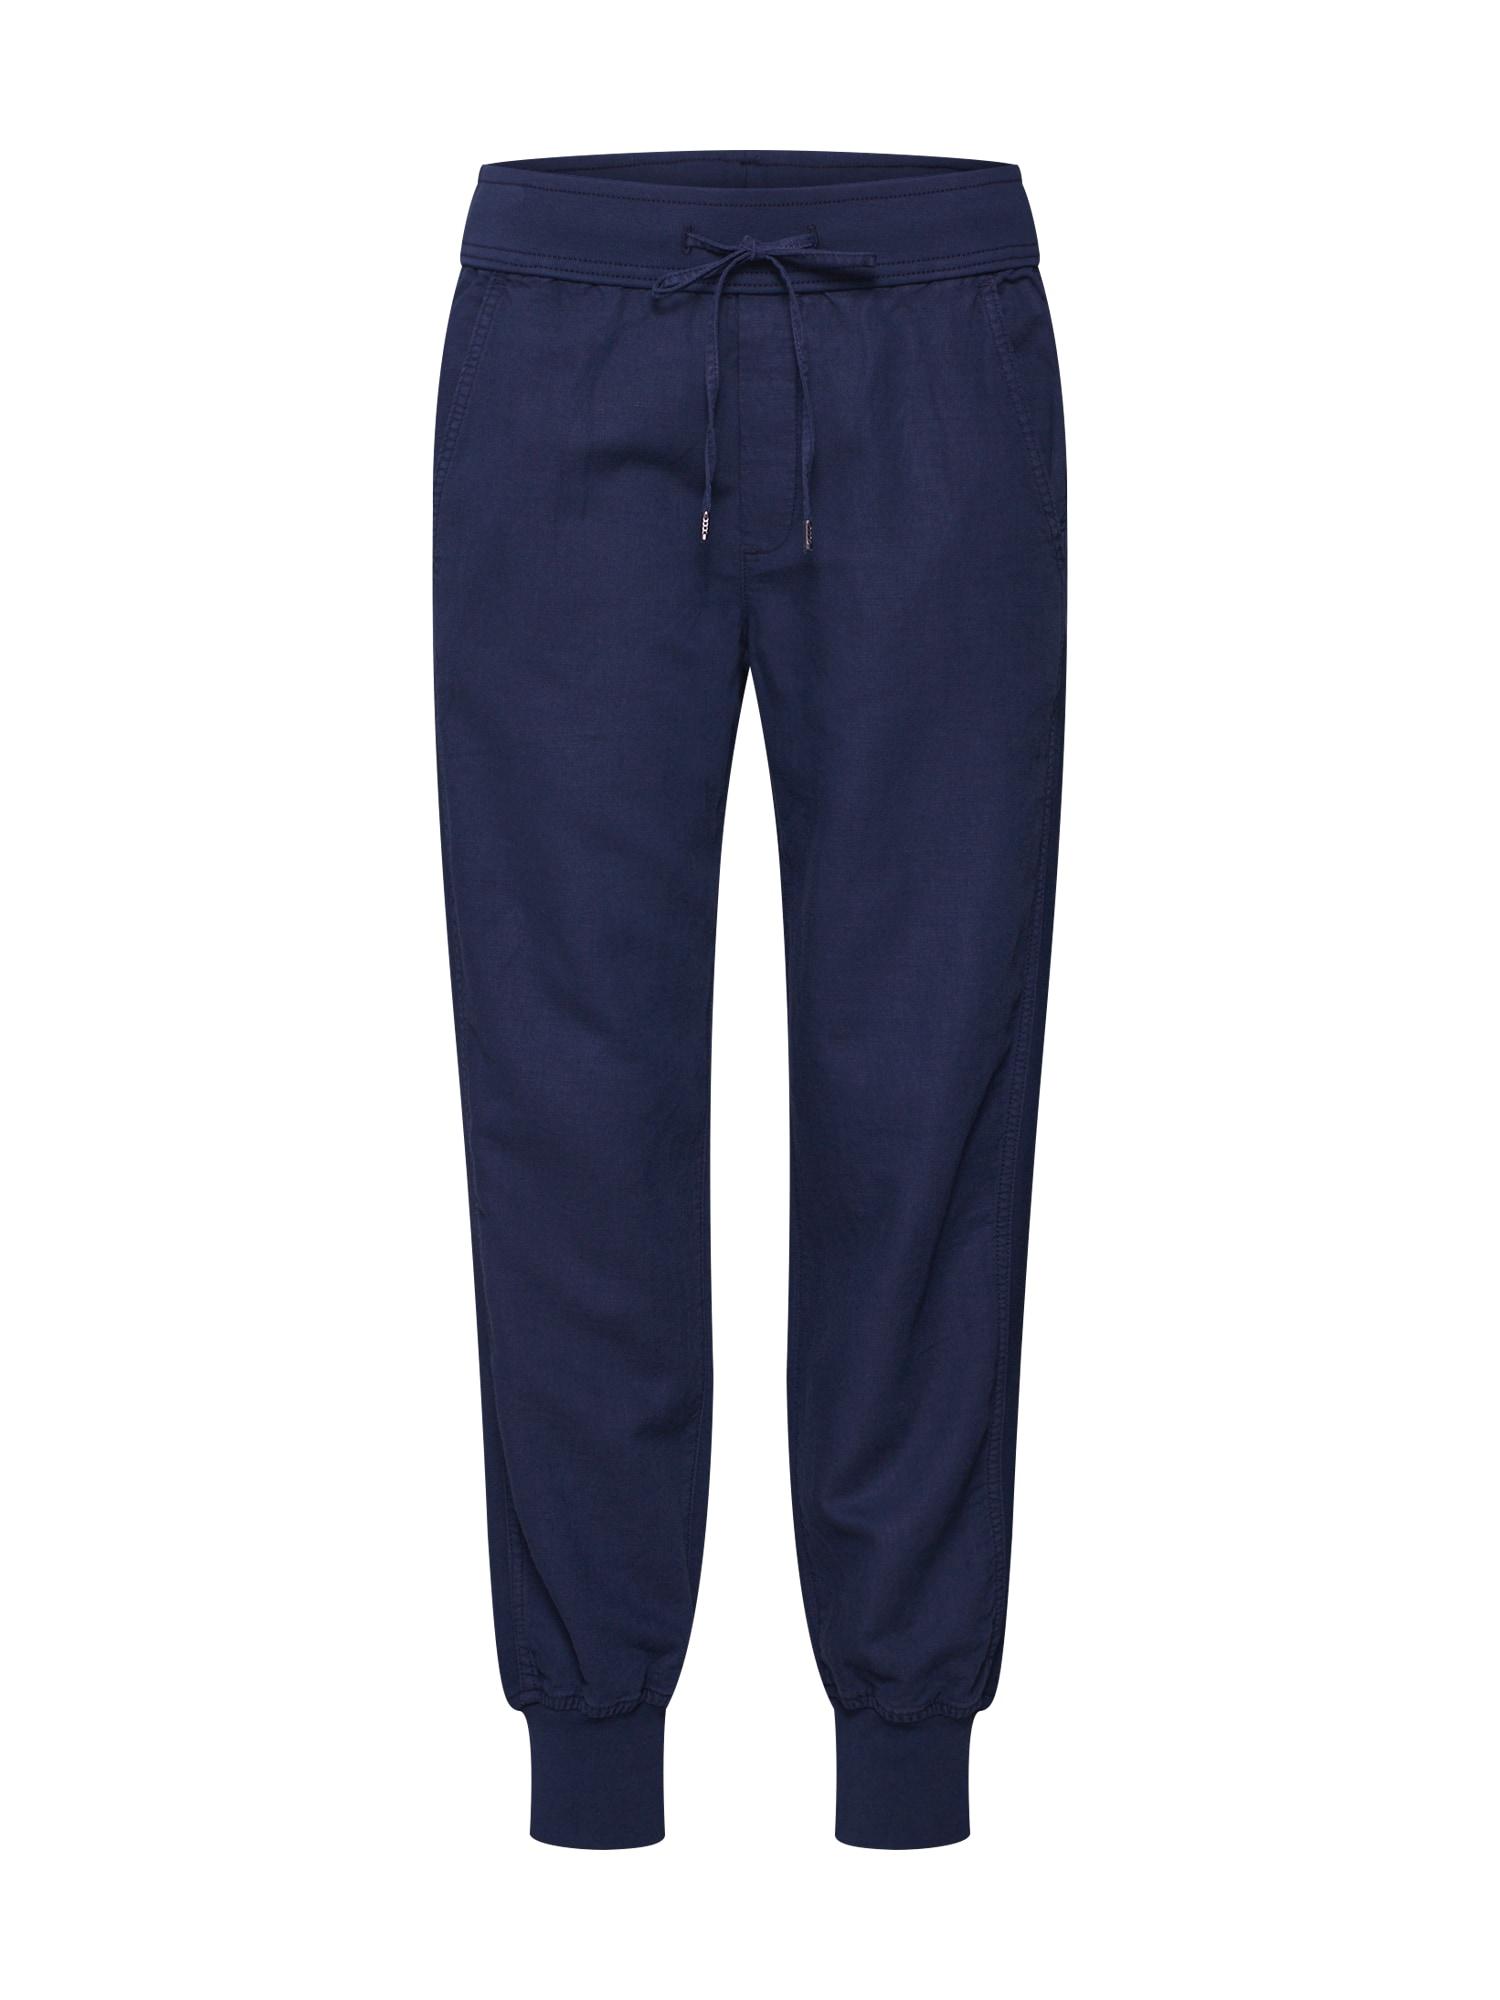 Kalhoty LINEN JOGGER námořnická modř GAP